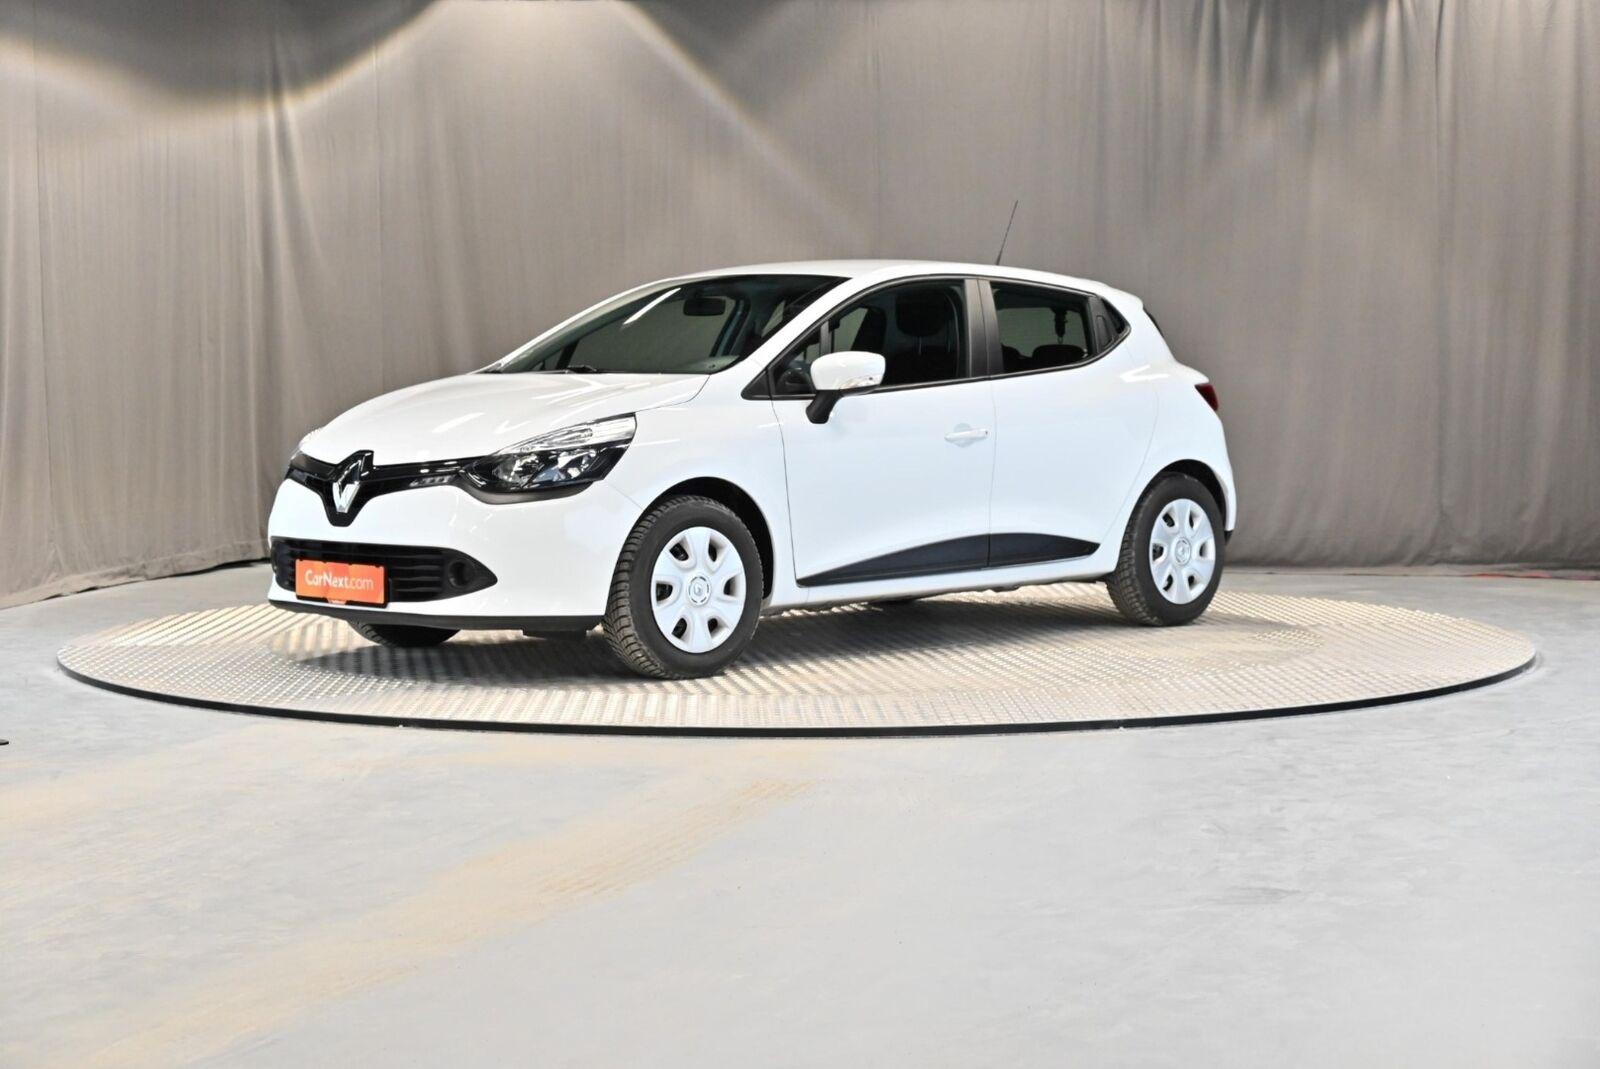 Renault Clio IV 1,2 16V Authentique 5d - 99.900 kr.